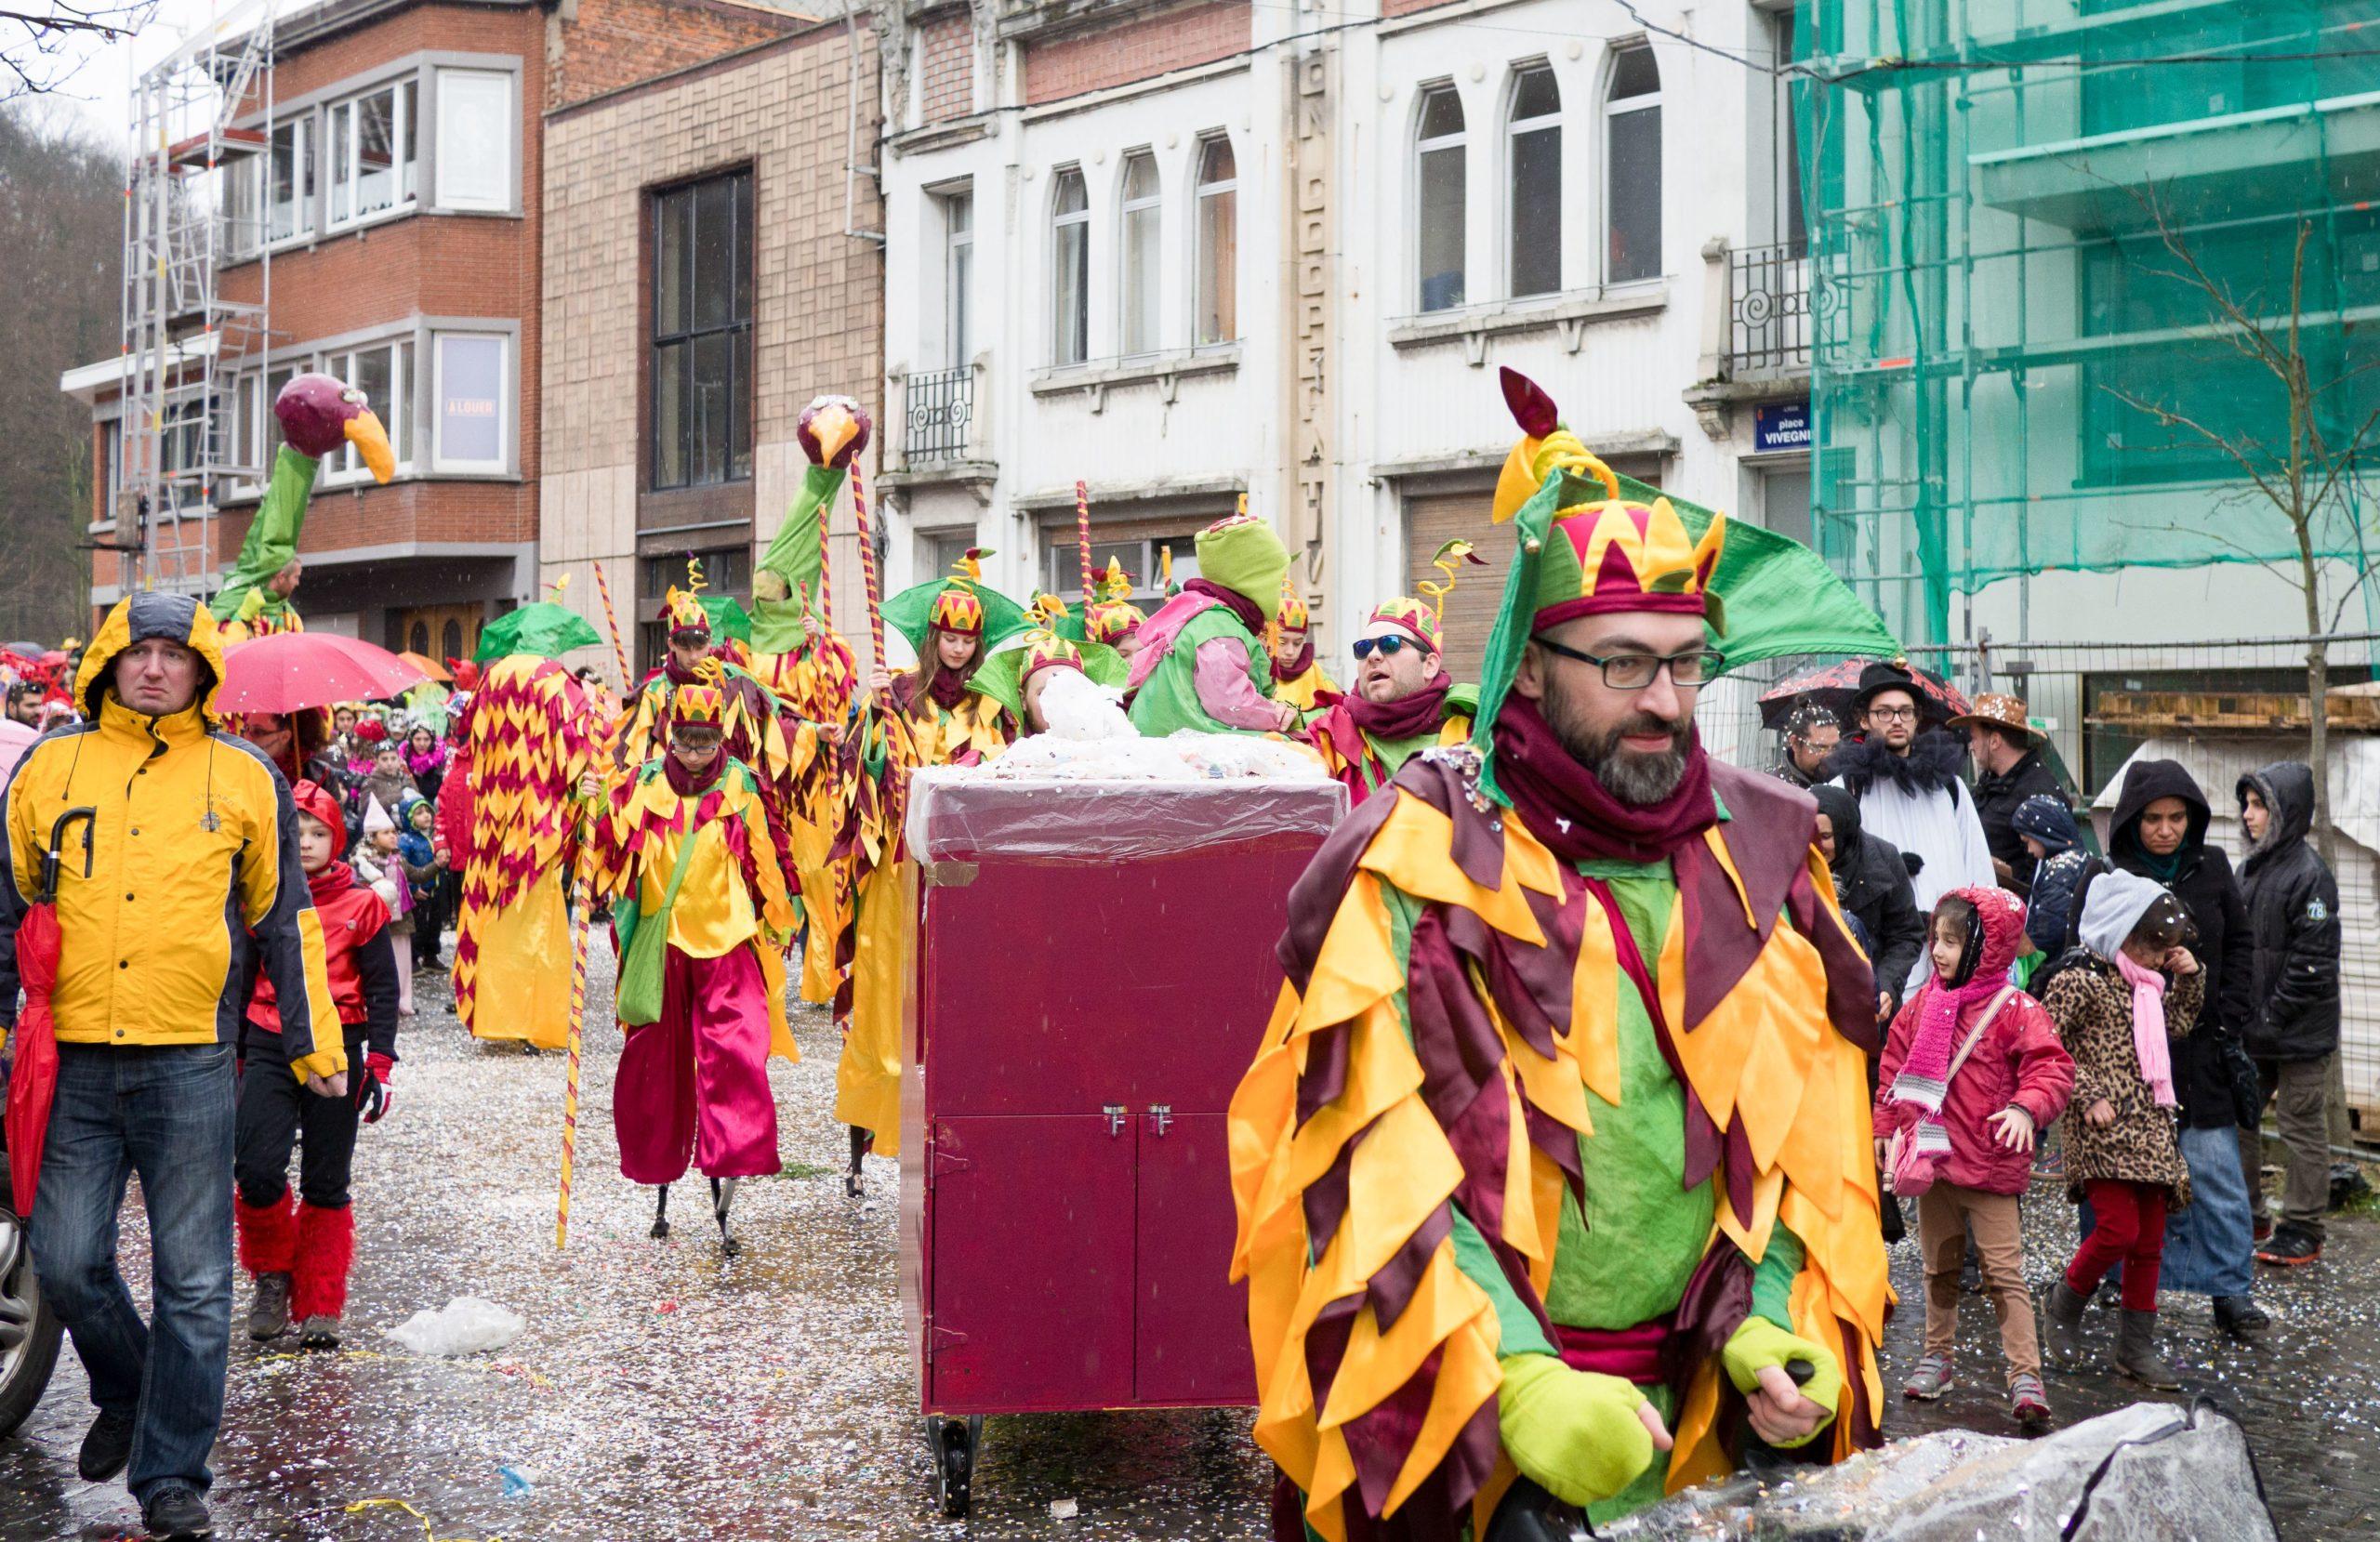 C'est la semaine du Carnaval du Nord: mardi pour les enfants et samedi pour tout le monde